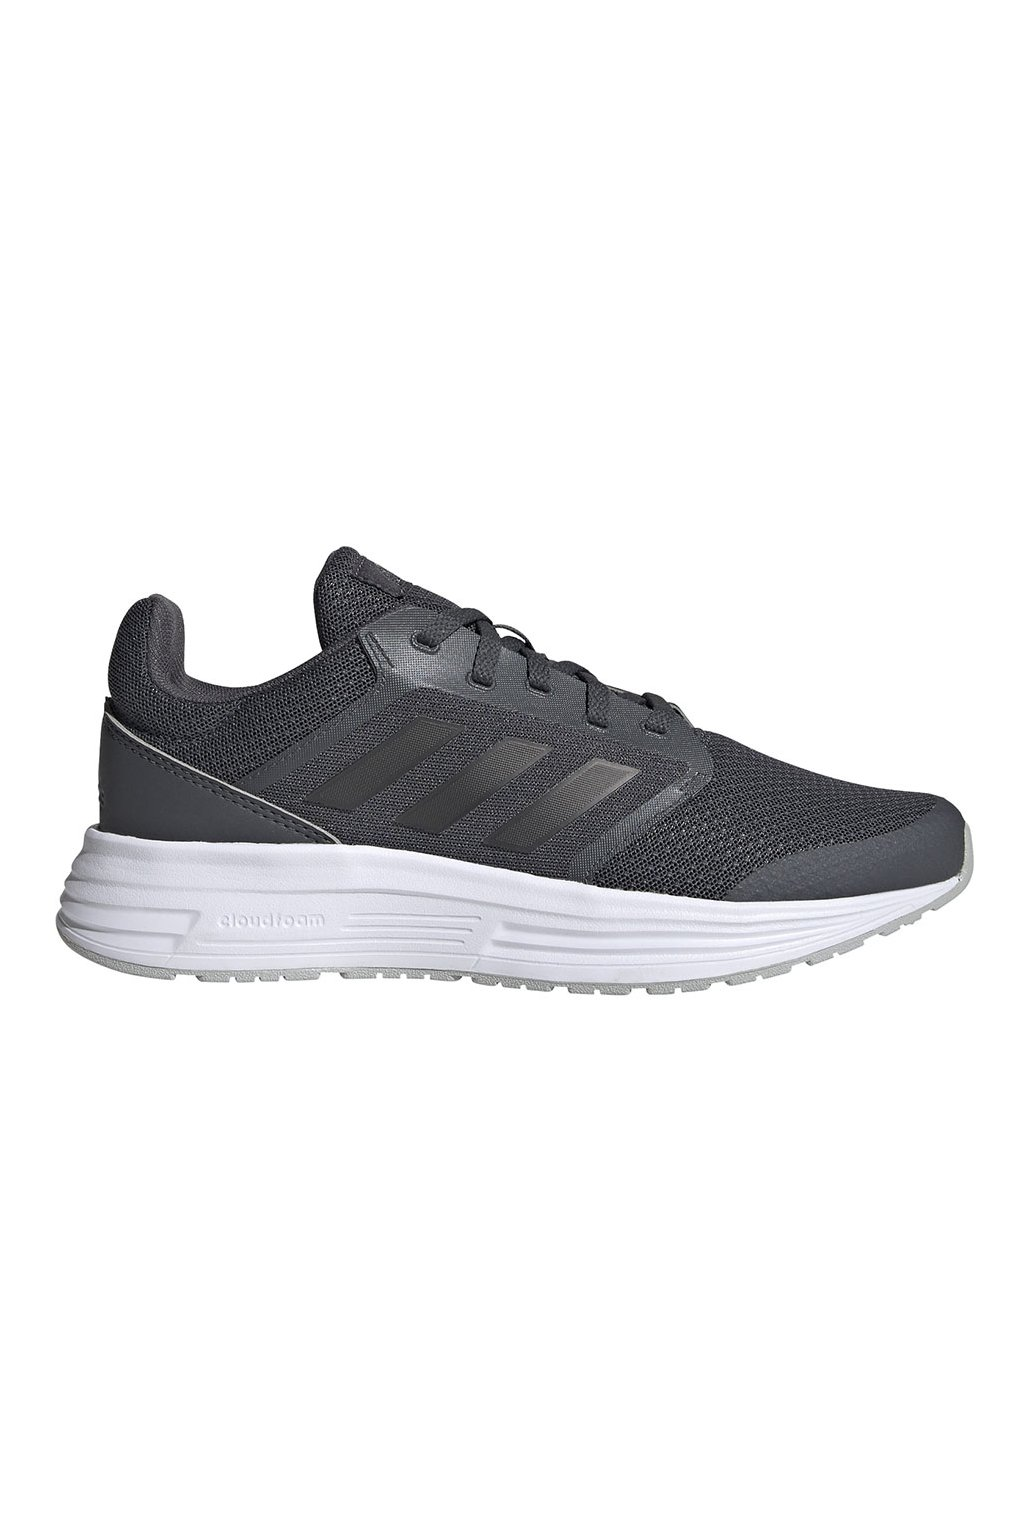 Dámska obuv Adidas Galaxy 5 šedé FW6120